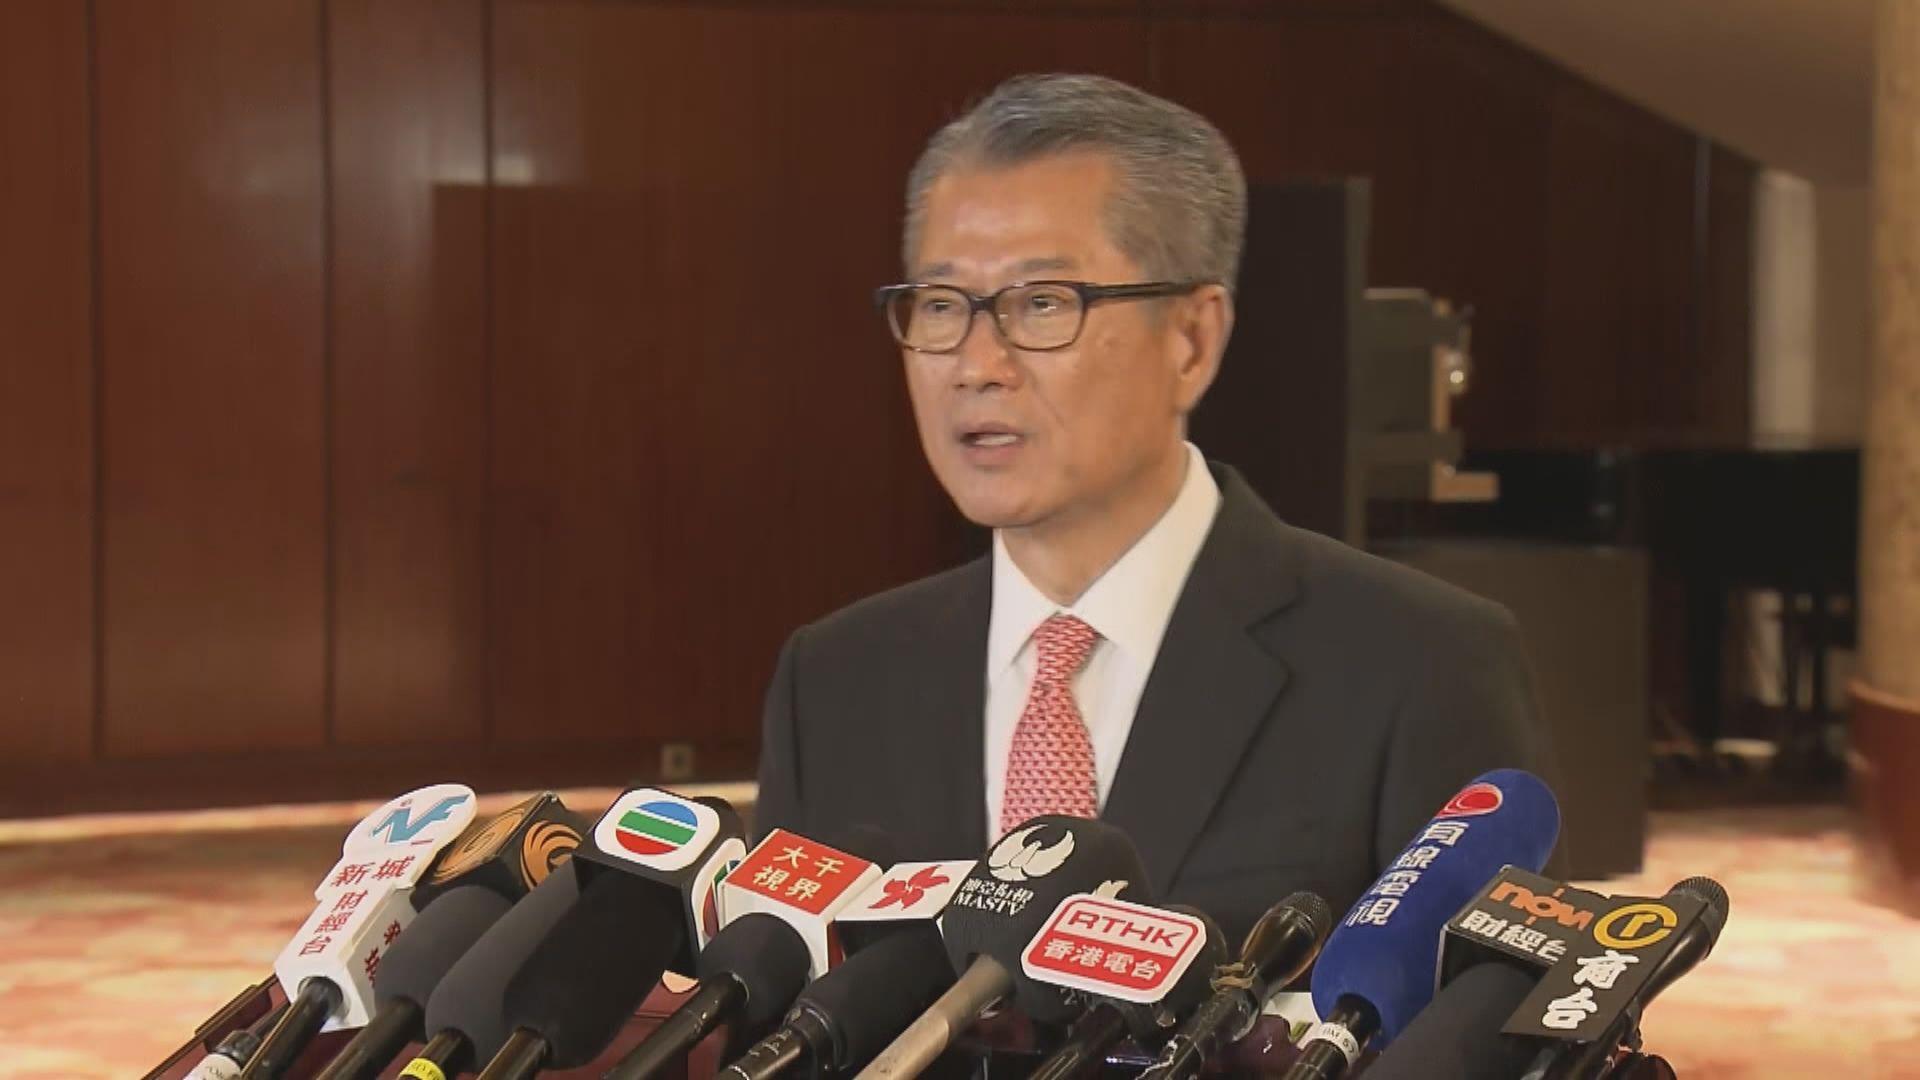 陳茂波:香港人權法案是無理據無必要